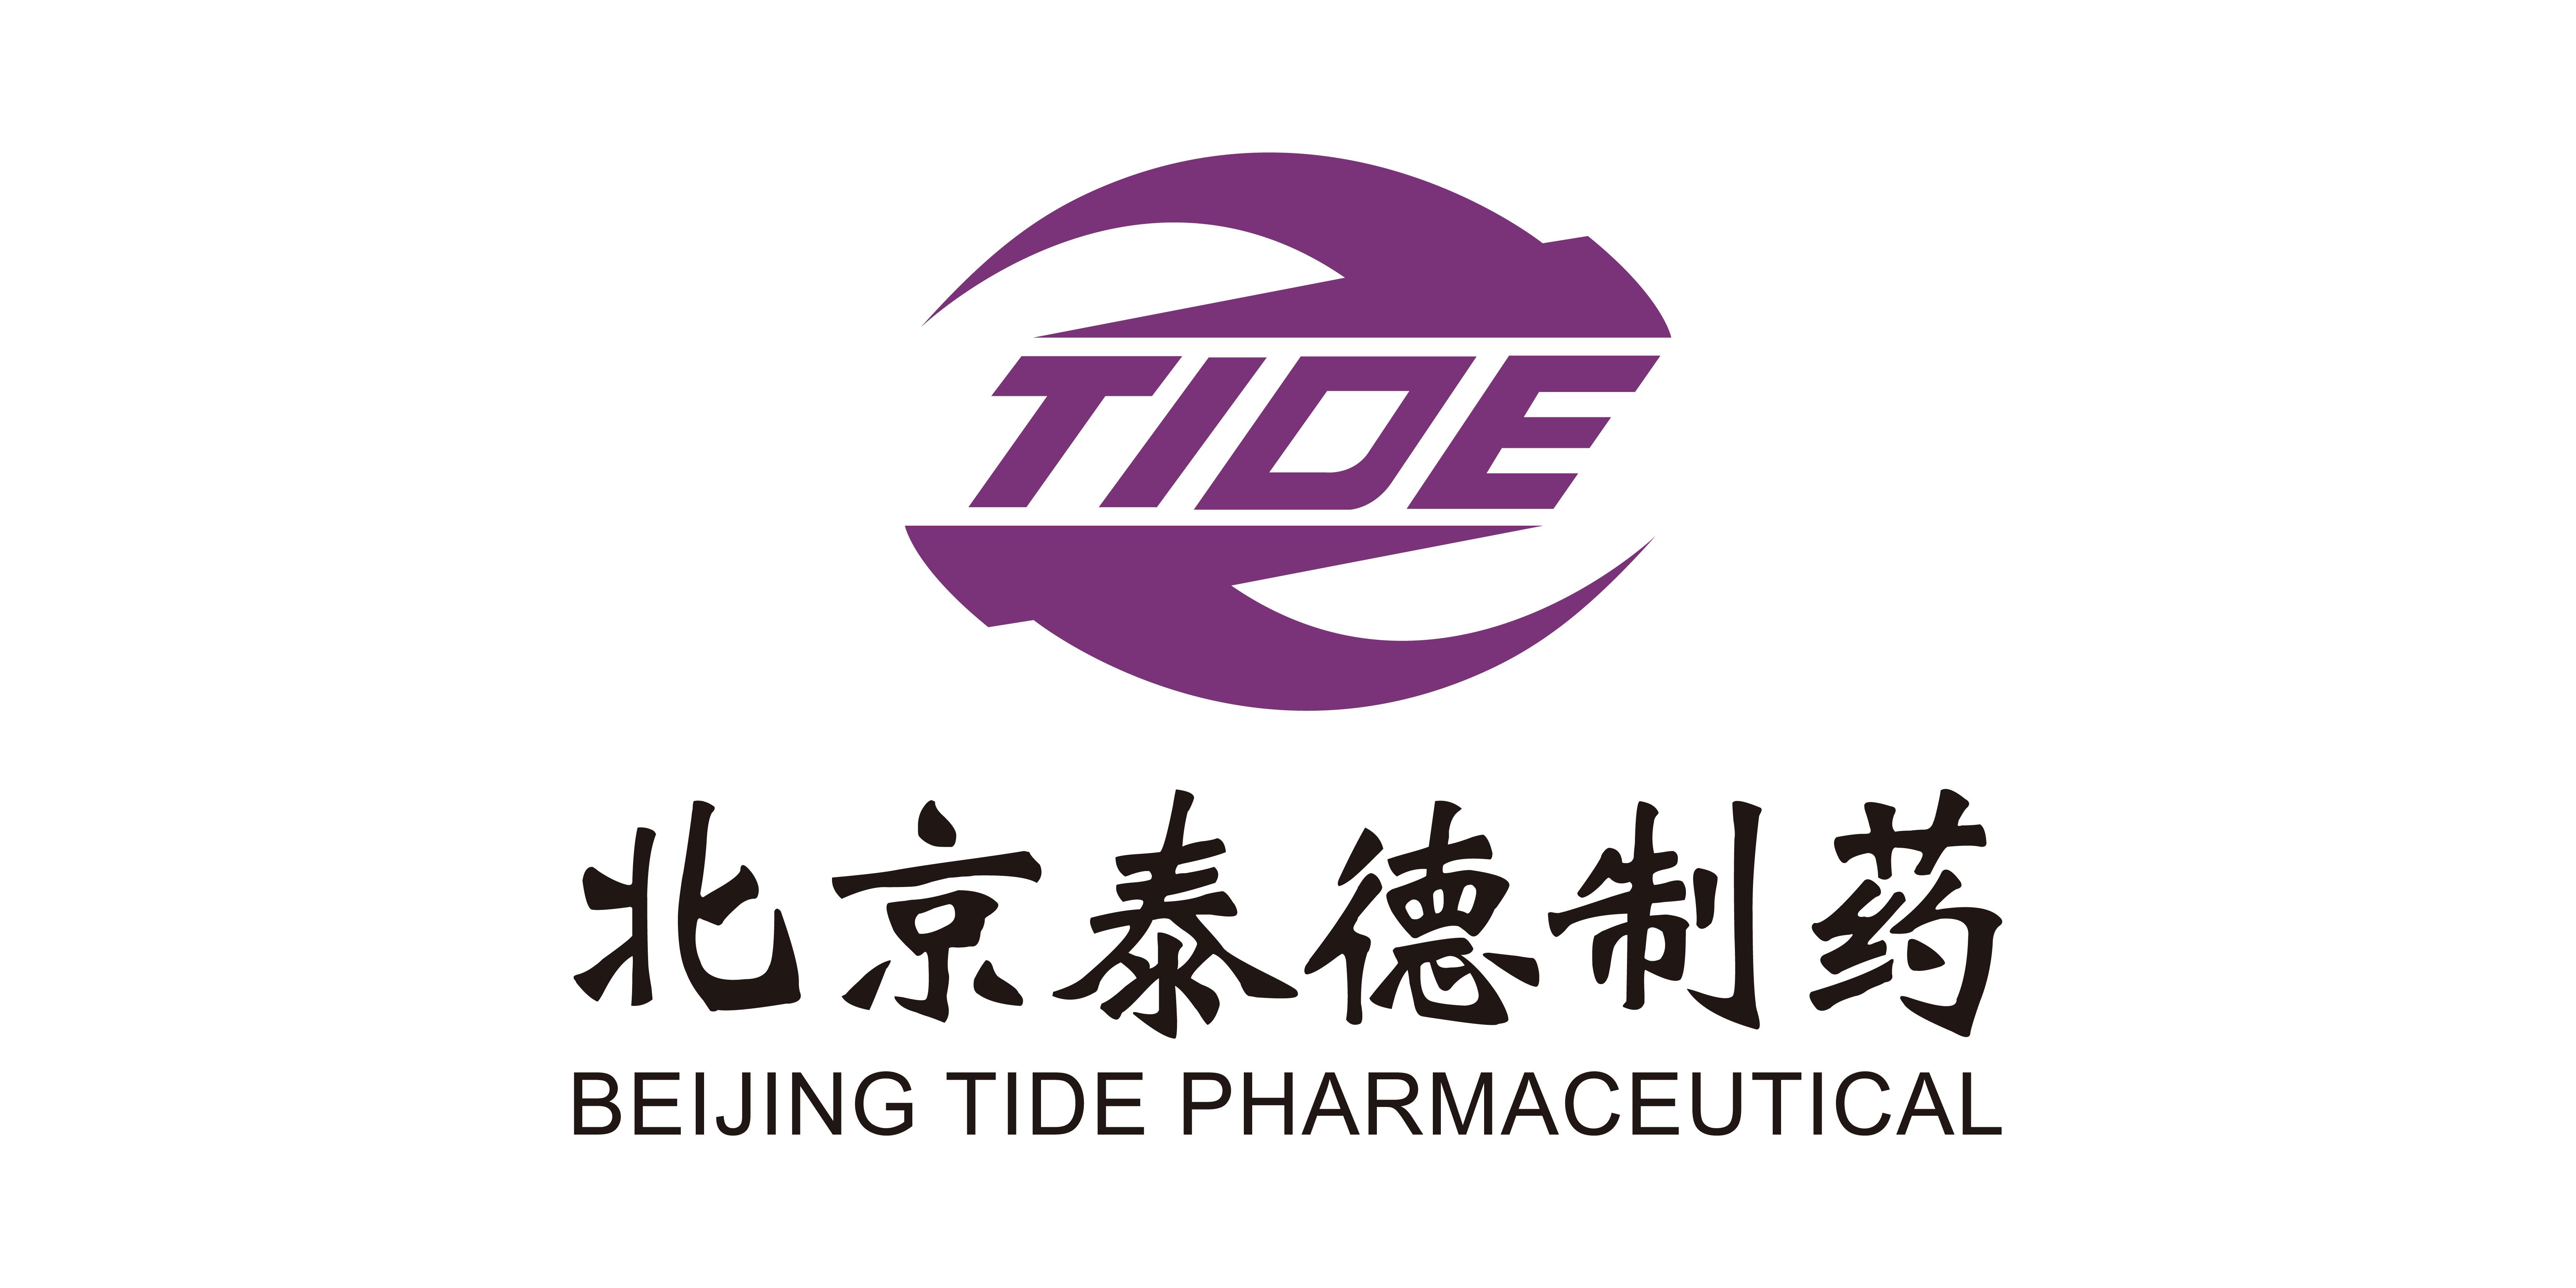 泰德制药logo图片.JPG